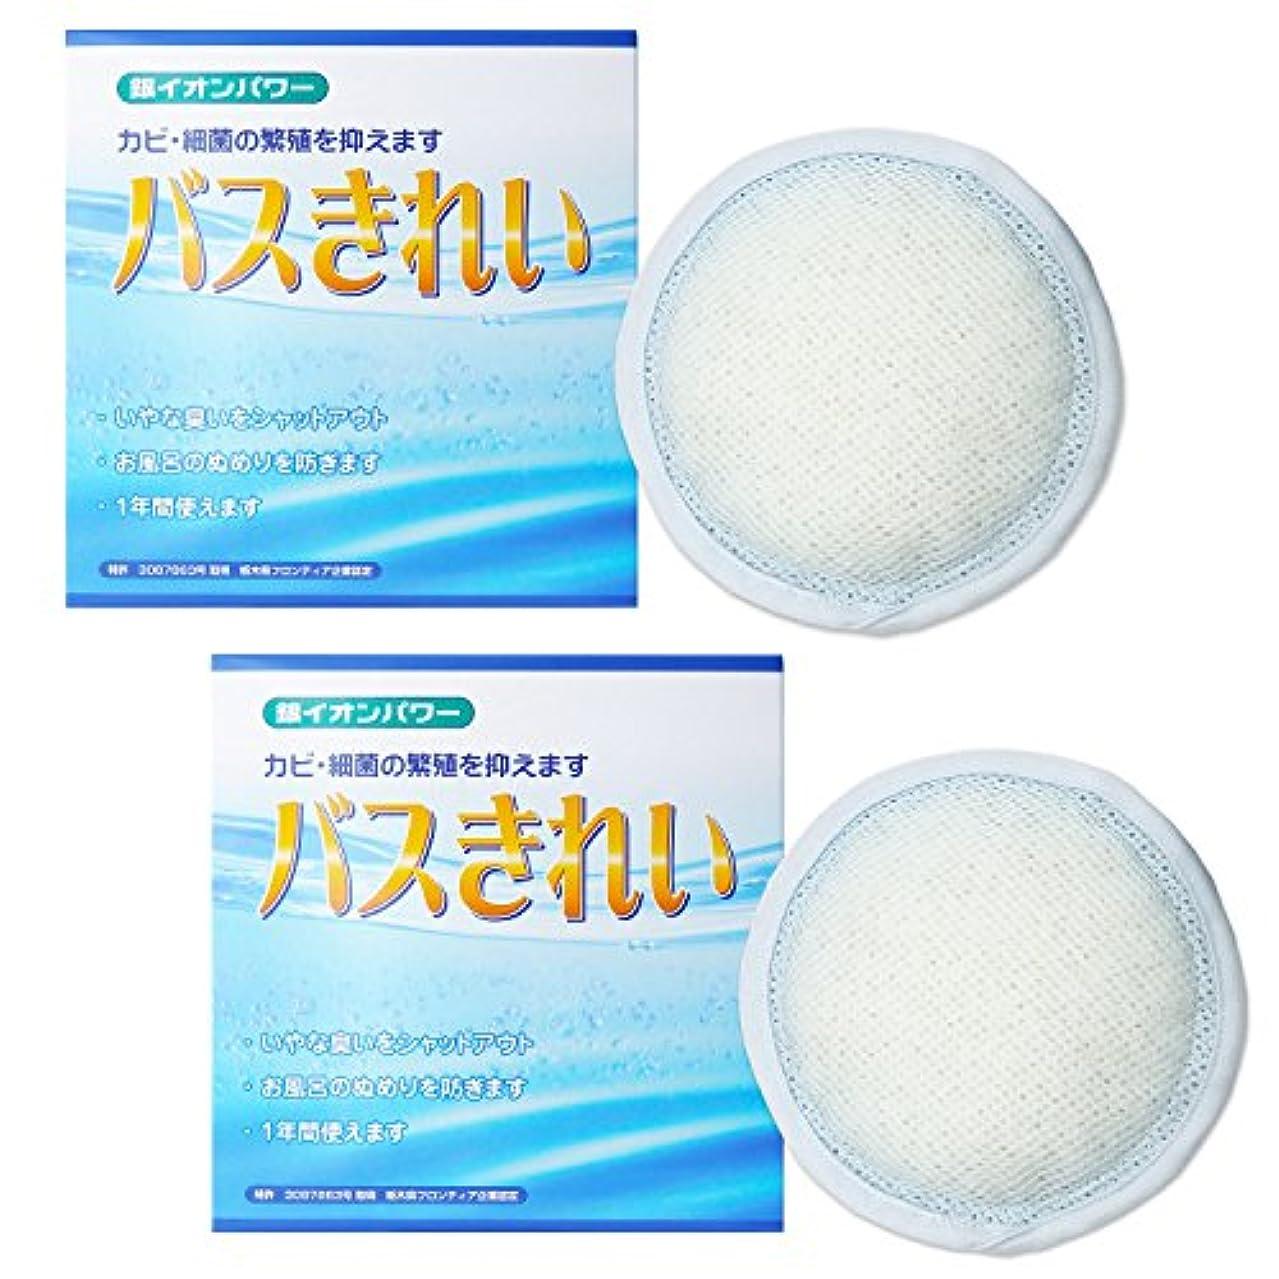 乱雑な抜本的な印象Ag+ 銀イオンパワー 【バスきれい 2個セット】 お風呂用銀イオン ポンと入れるだけ1年使えるエコ製品